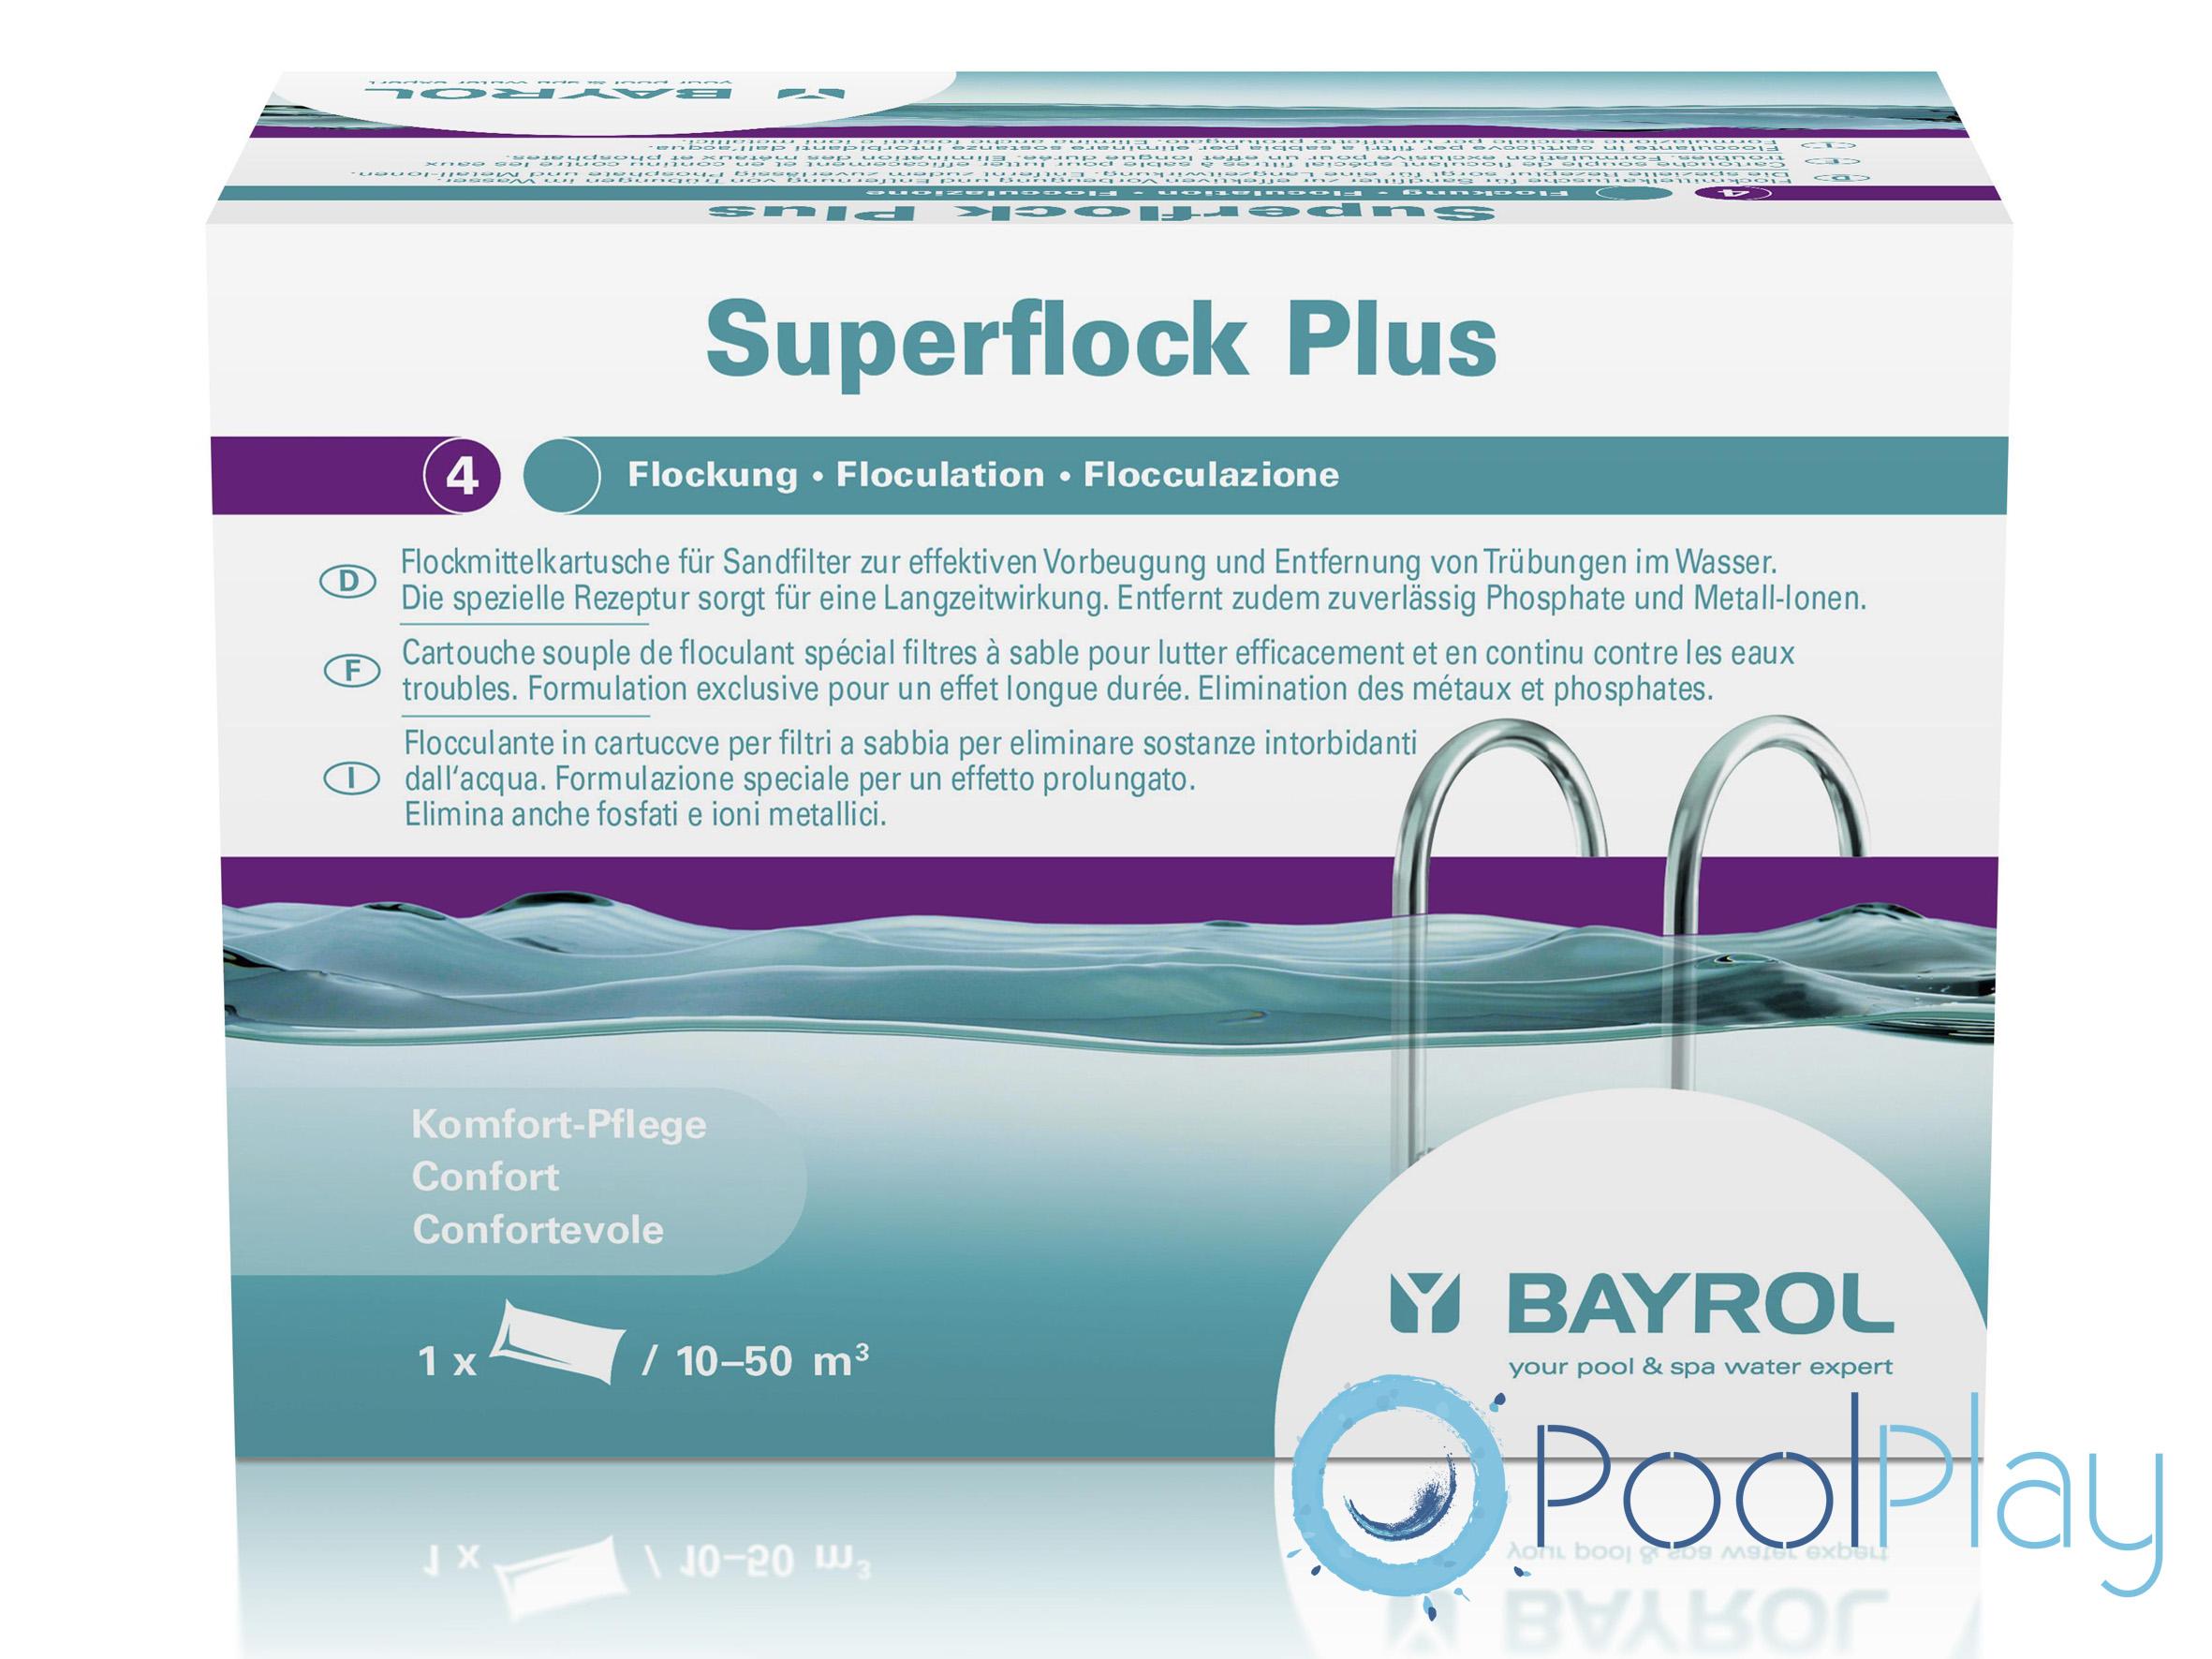 Promoción floculante en cartucho Superflock Plus de Bayrol